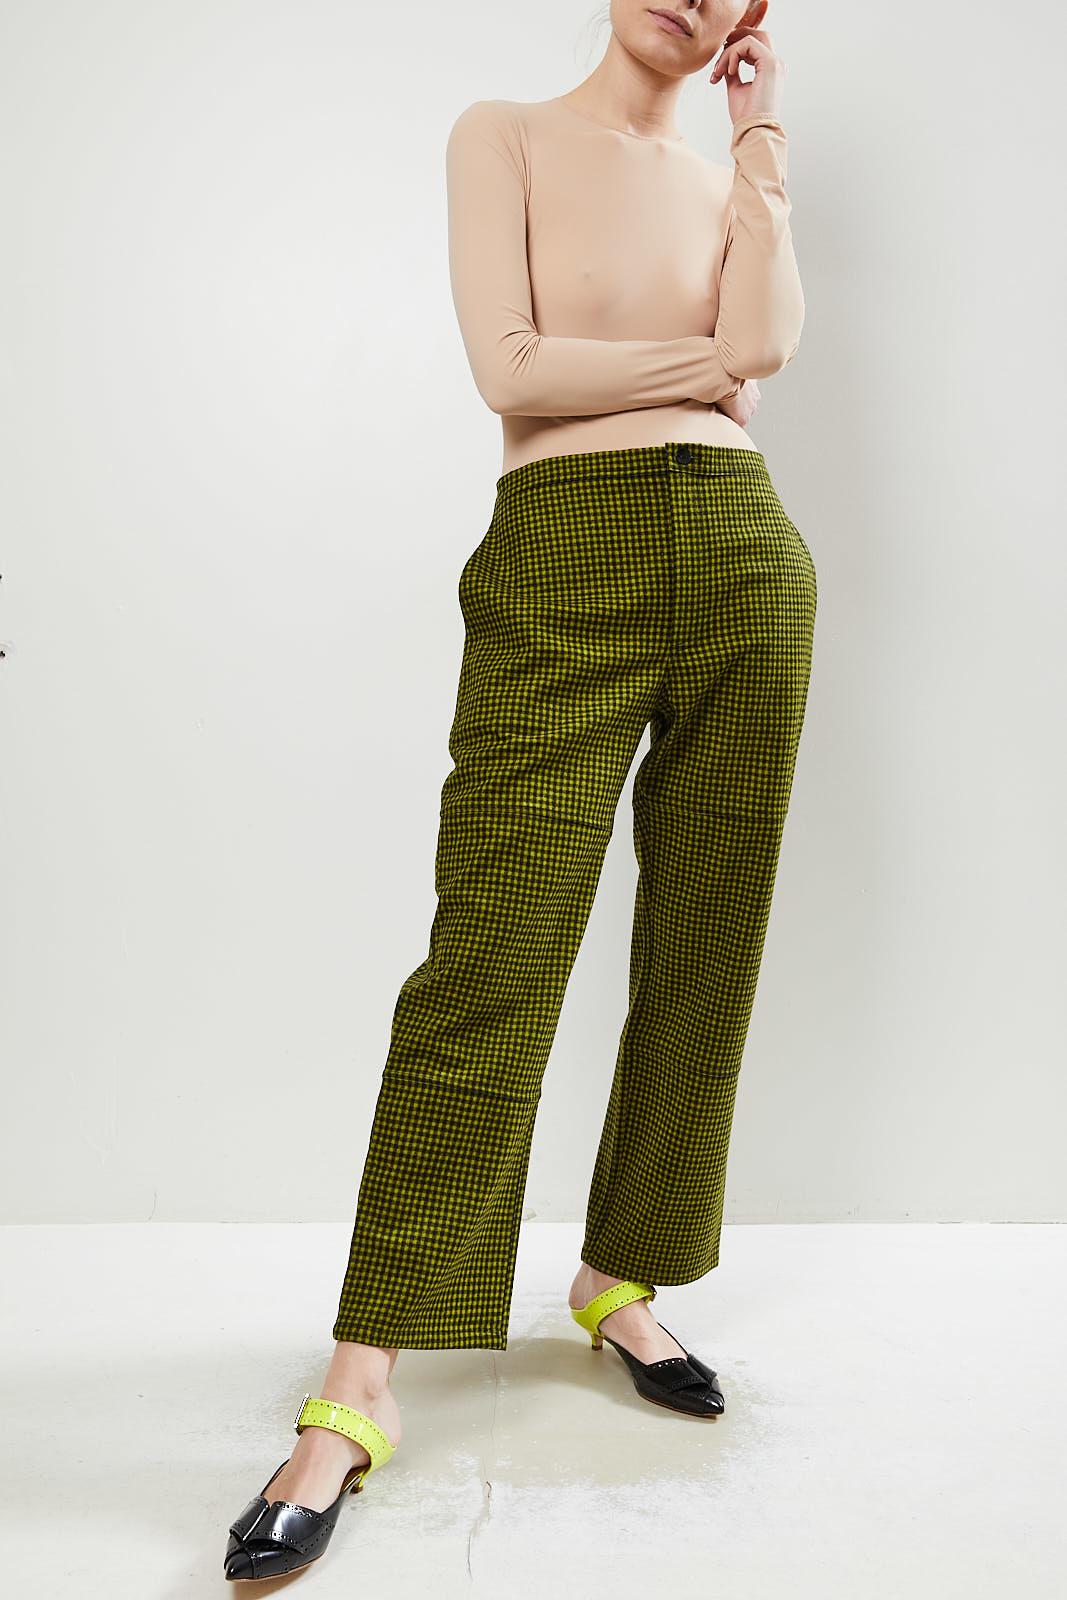 Monique van Heist PJ worker pistache check wool trousers